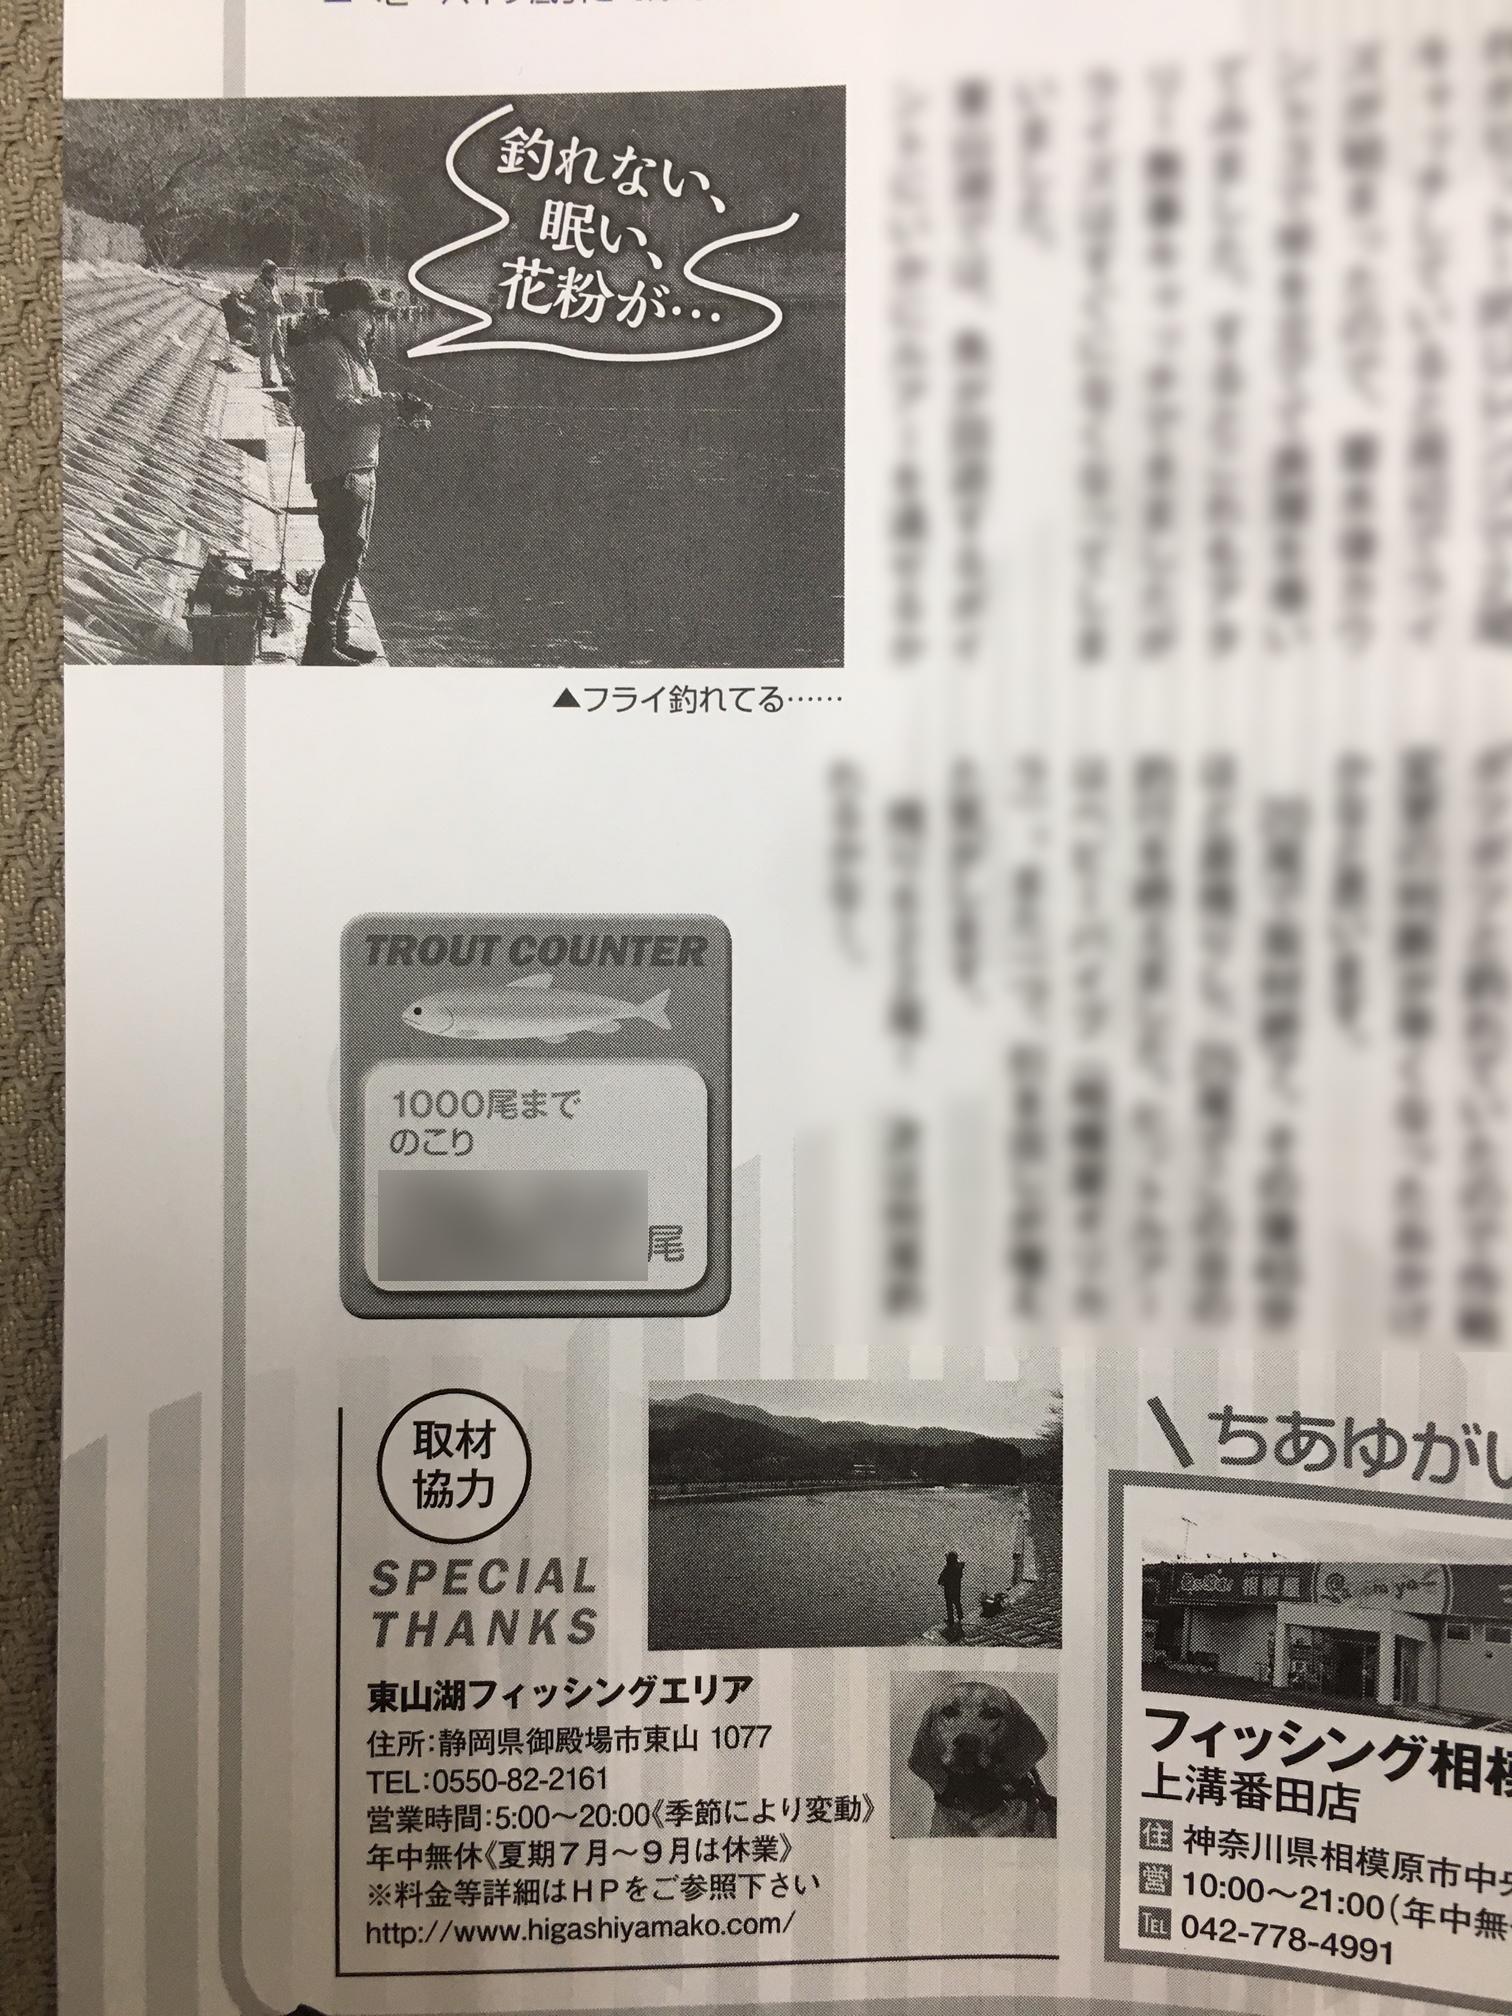 スタッフ千鮎掲載!コスミック出版『アングリングファン5月号』4